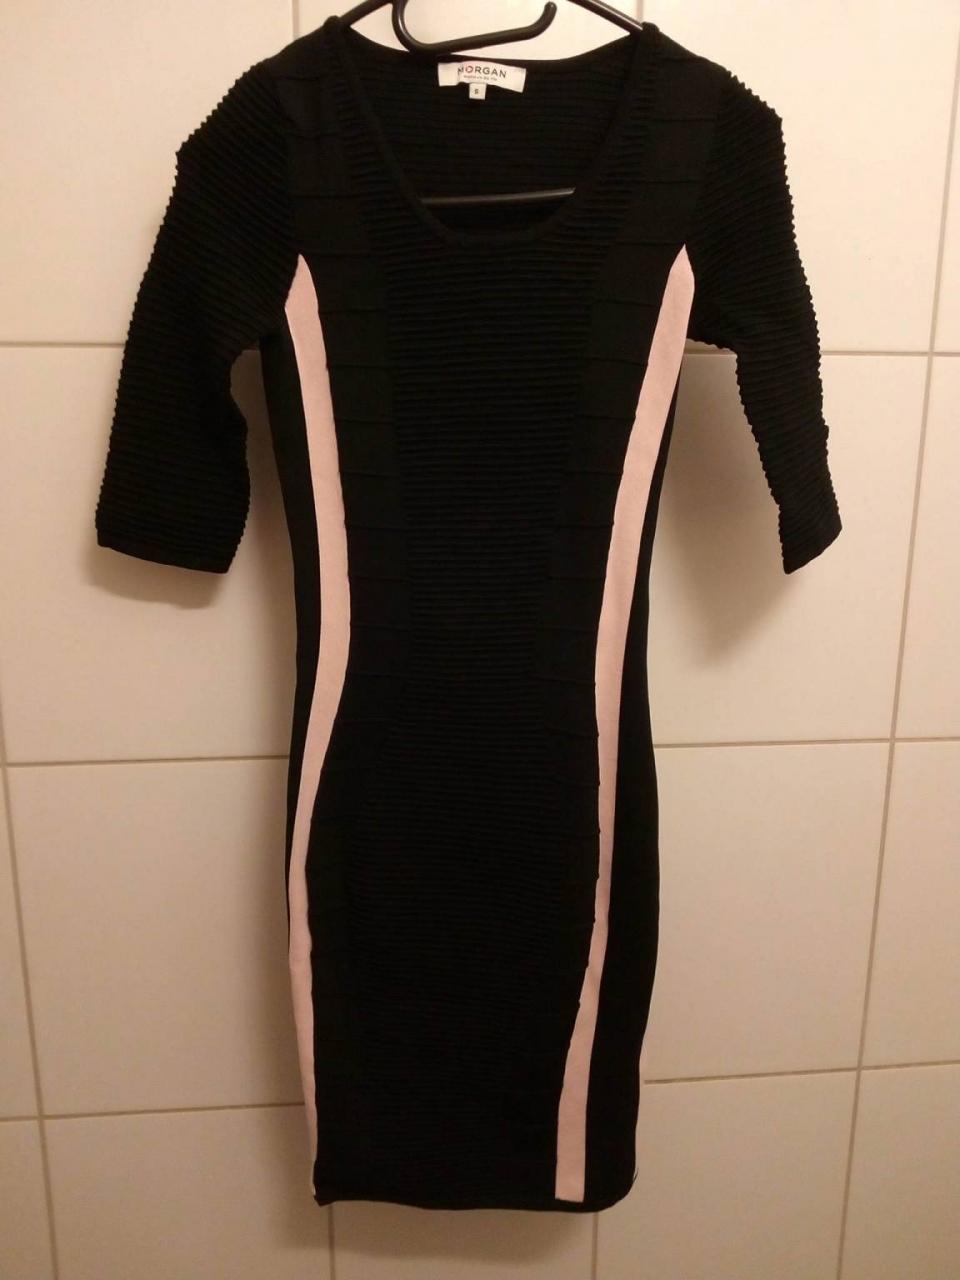 Robes-Tres-jolie-robe-pour-soiree-taille-s,-de-chez-Morg2